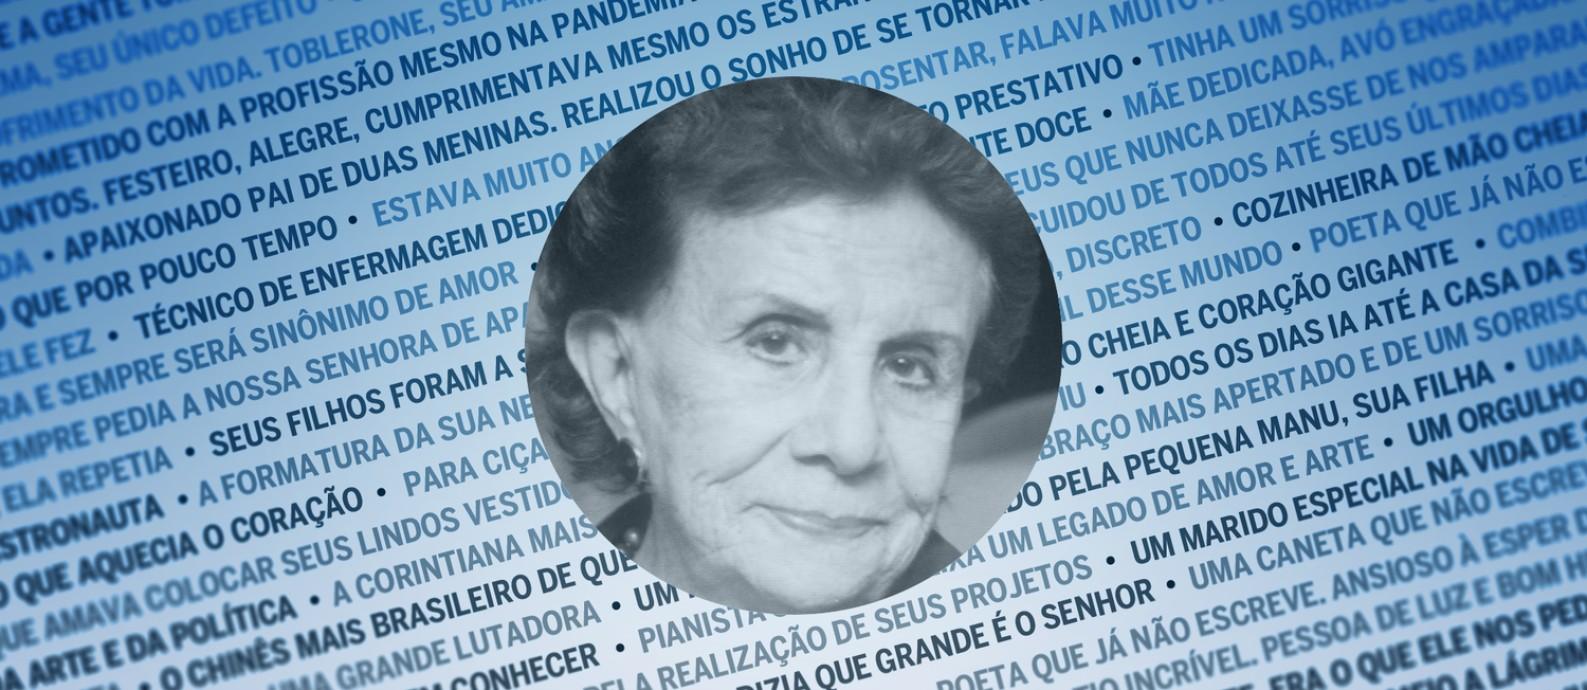 Terezinha Araujo Lima e Silva, vítima da Covid-19 aos 91 anos Foto: Arquivo pessoal